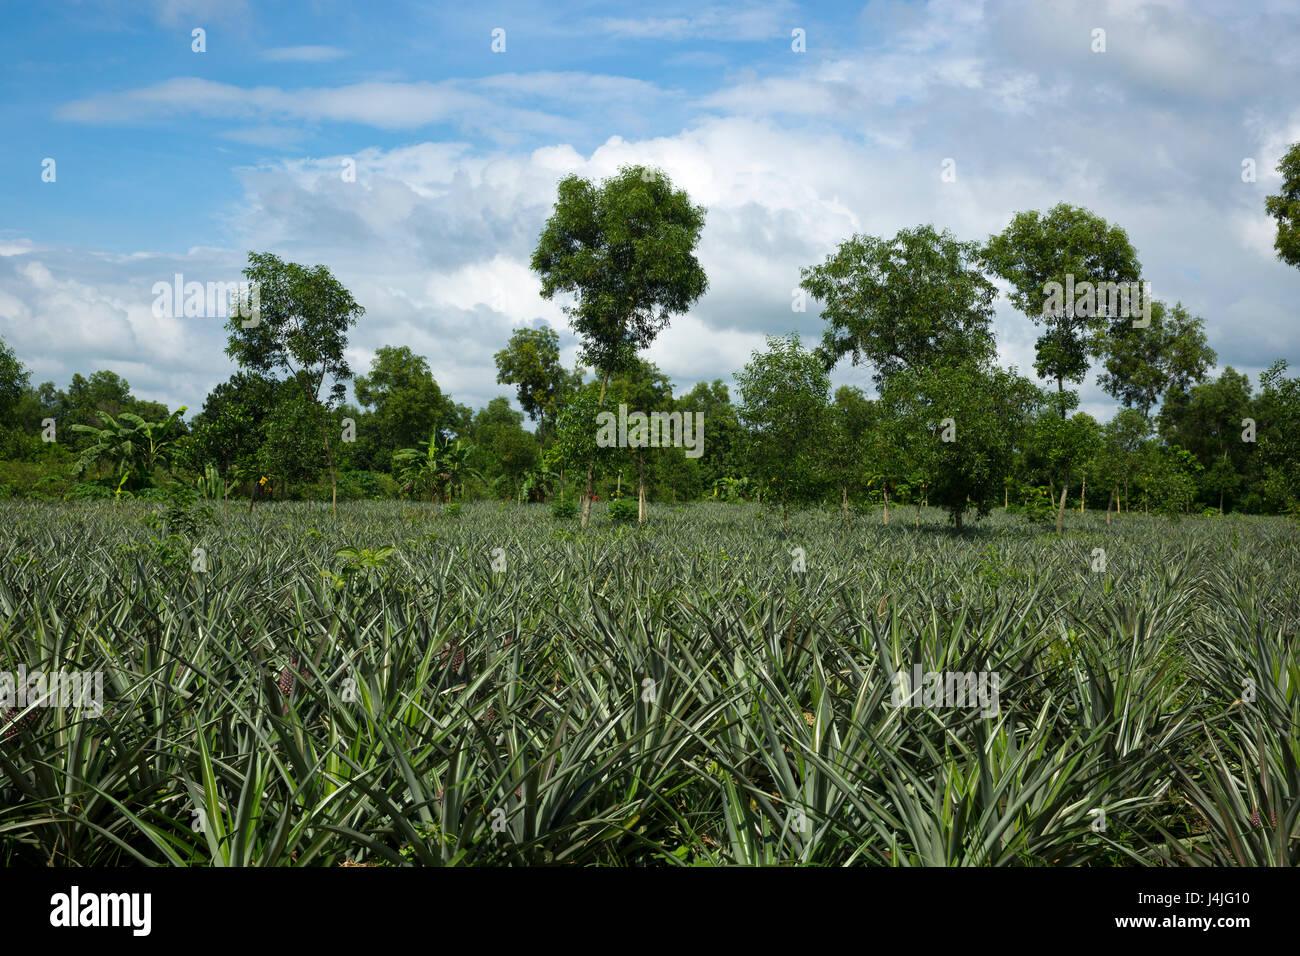 Pineapple plantation at Modhupur in Tangail. Bangladesh - Stock Image